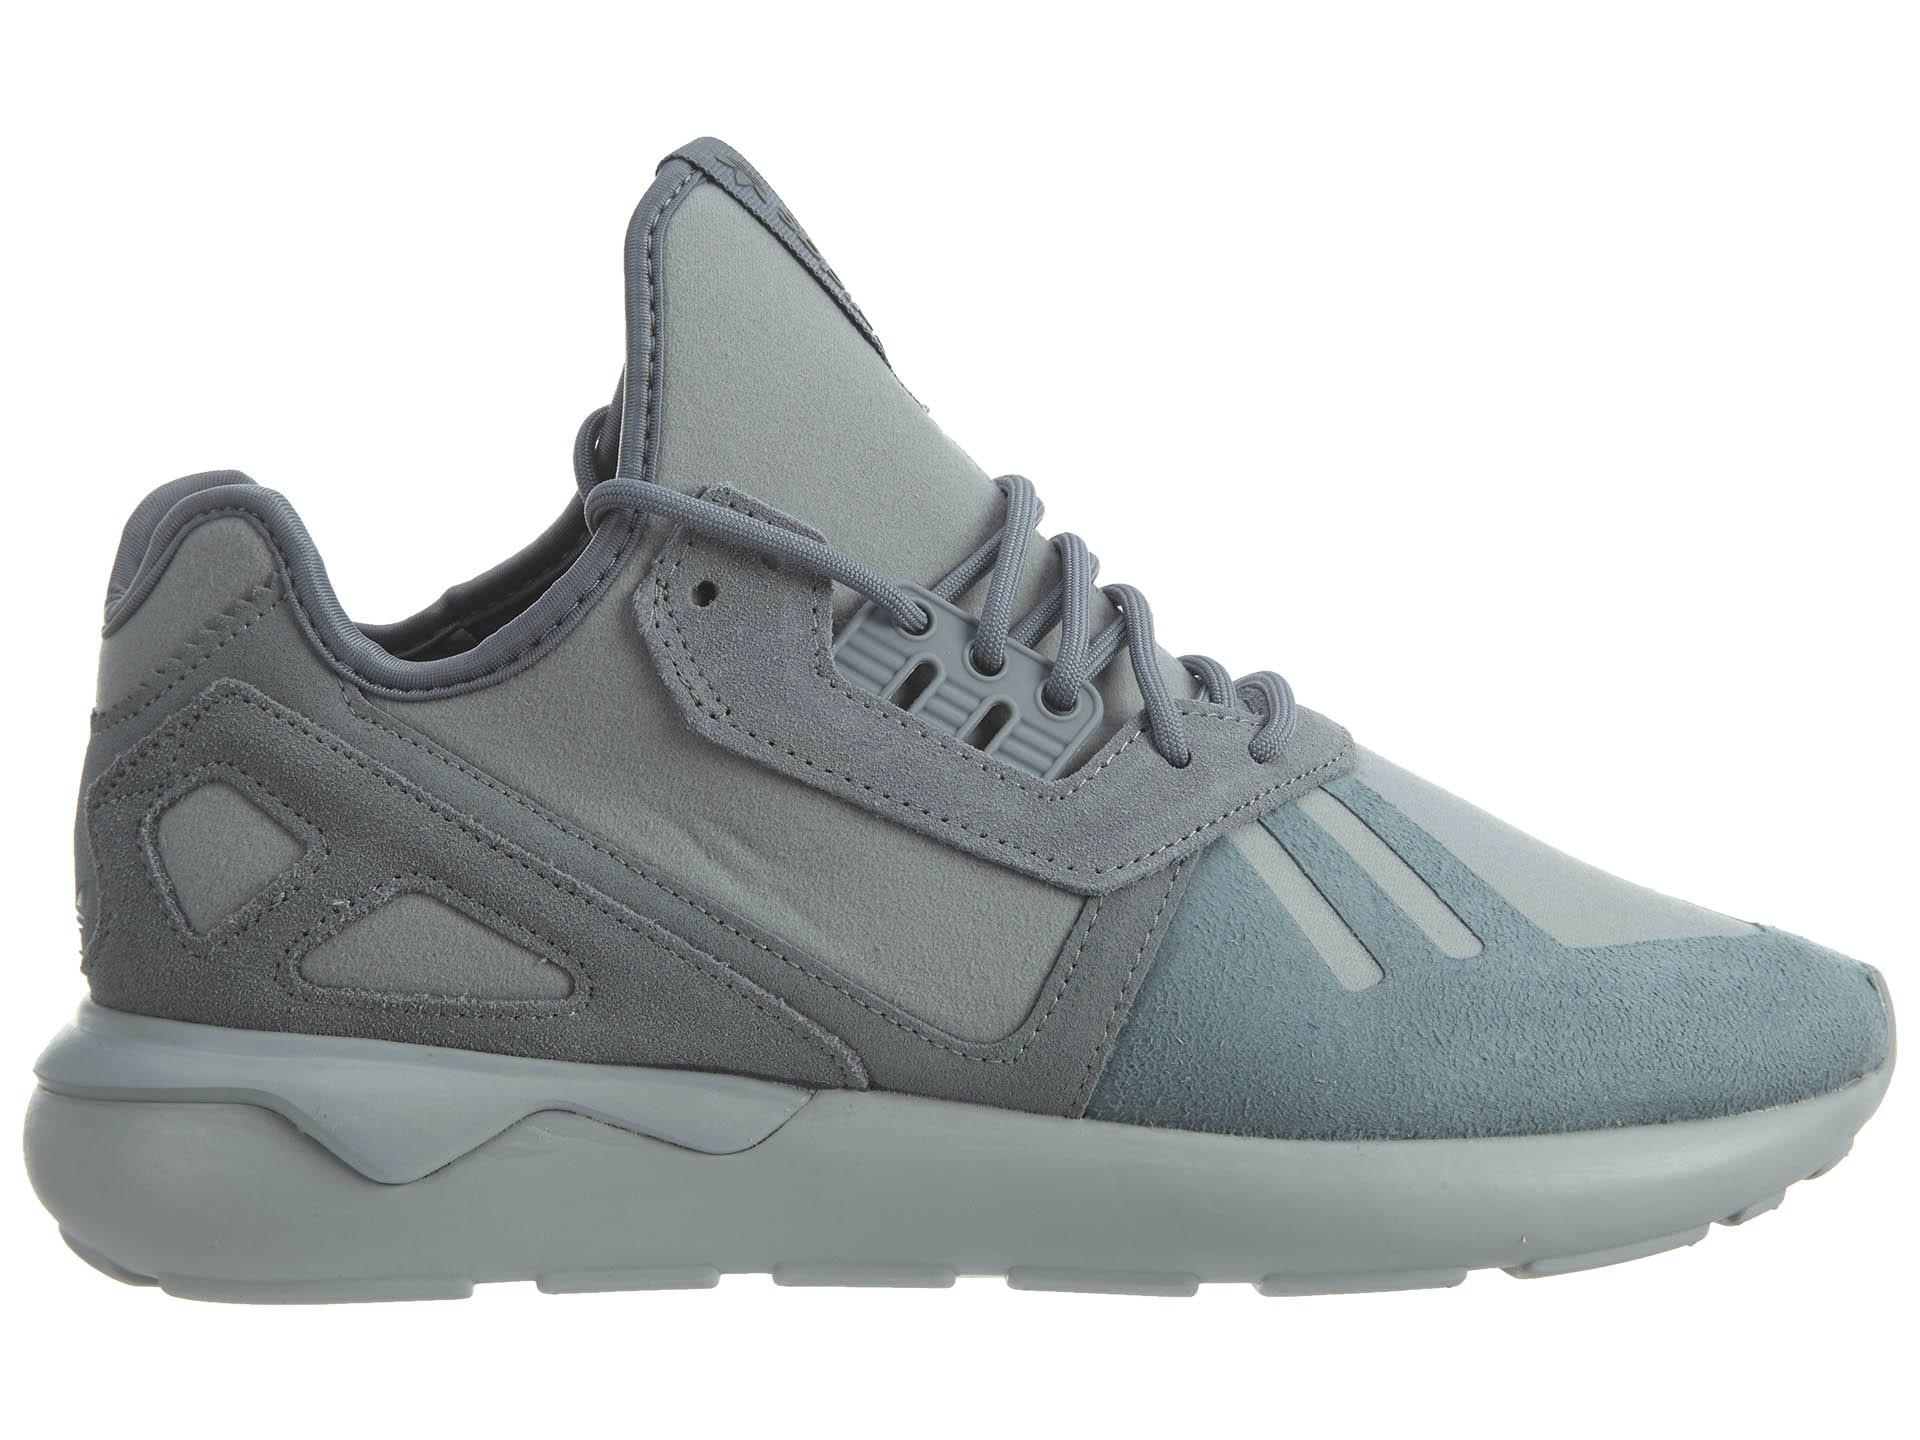 adidas Tubular Runner Grey/Grey